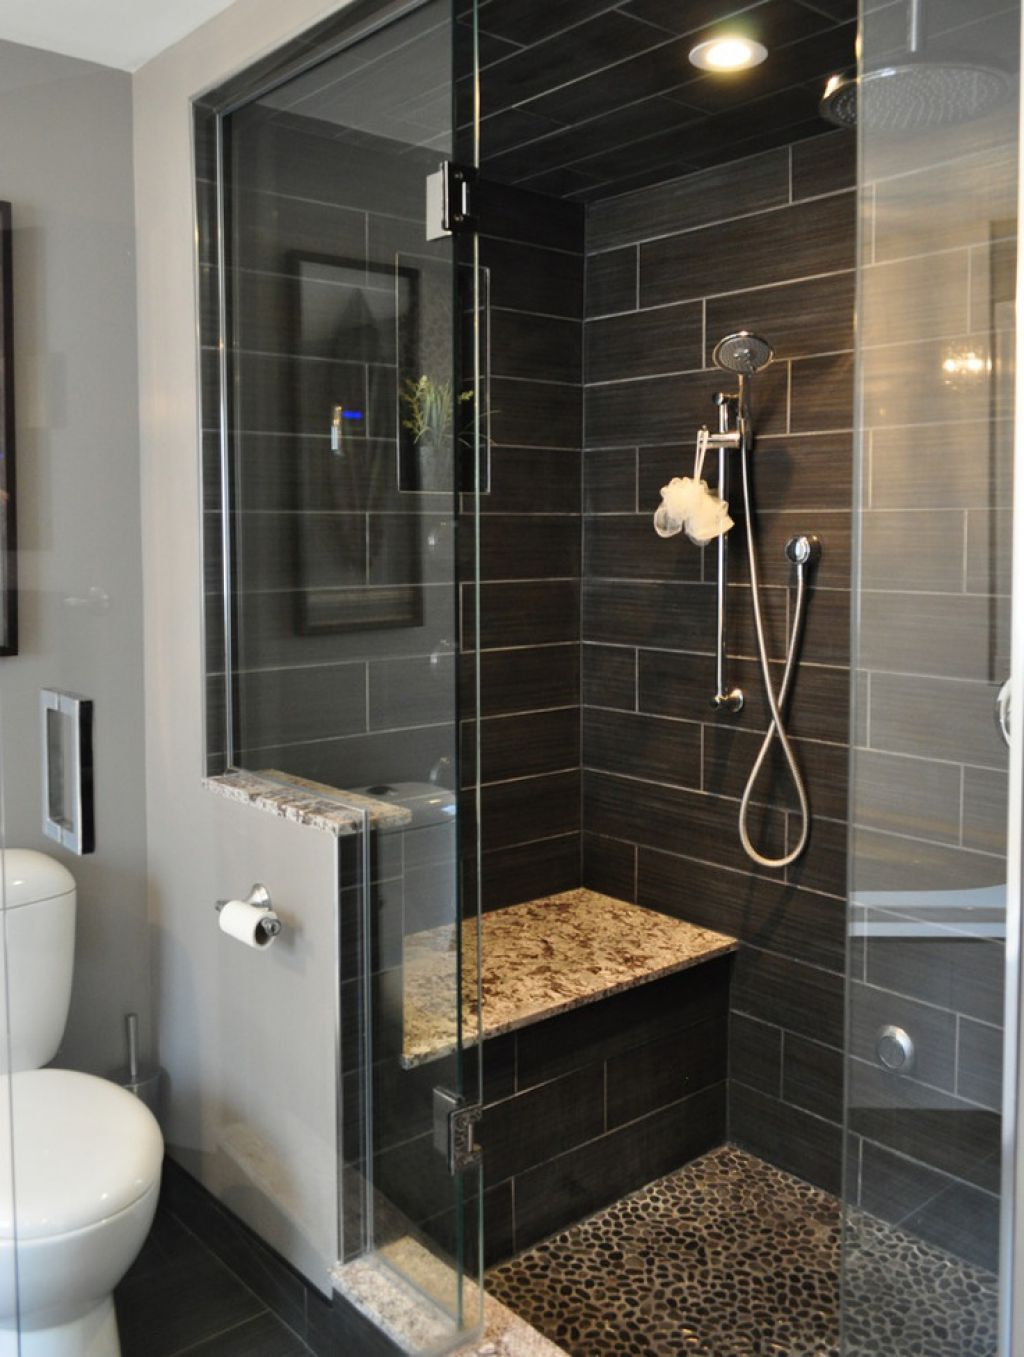 Bathroom Shower Designed With Black Slate Tiles And Built